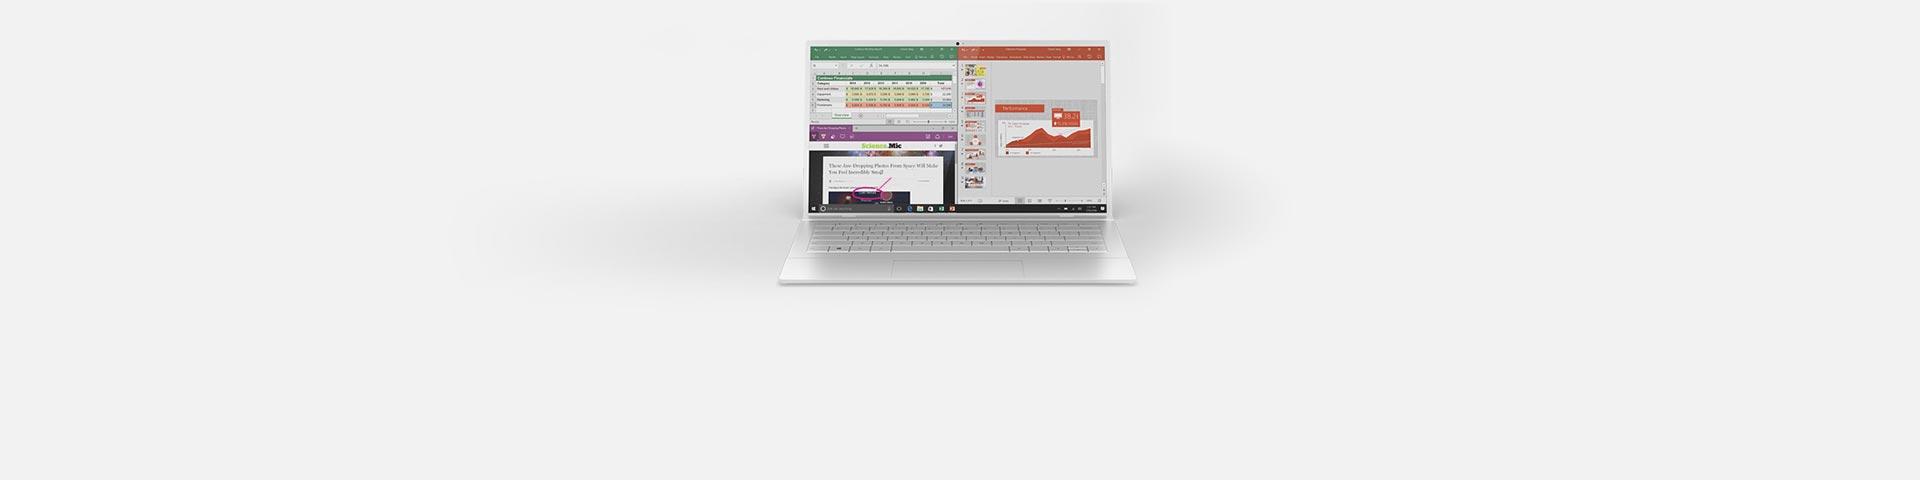 Laptop mit Office-Apps auf dem Bildschirm